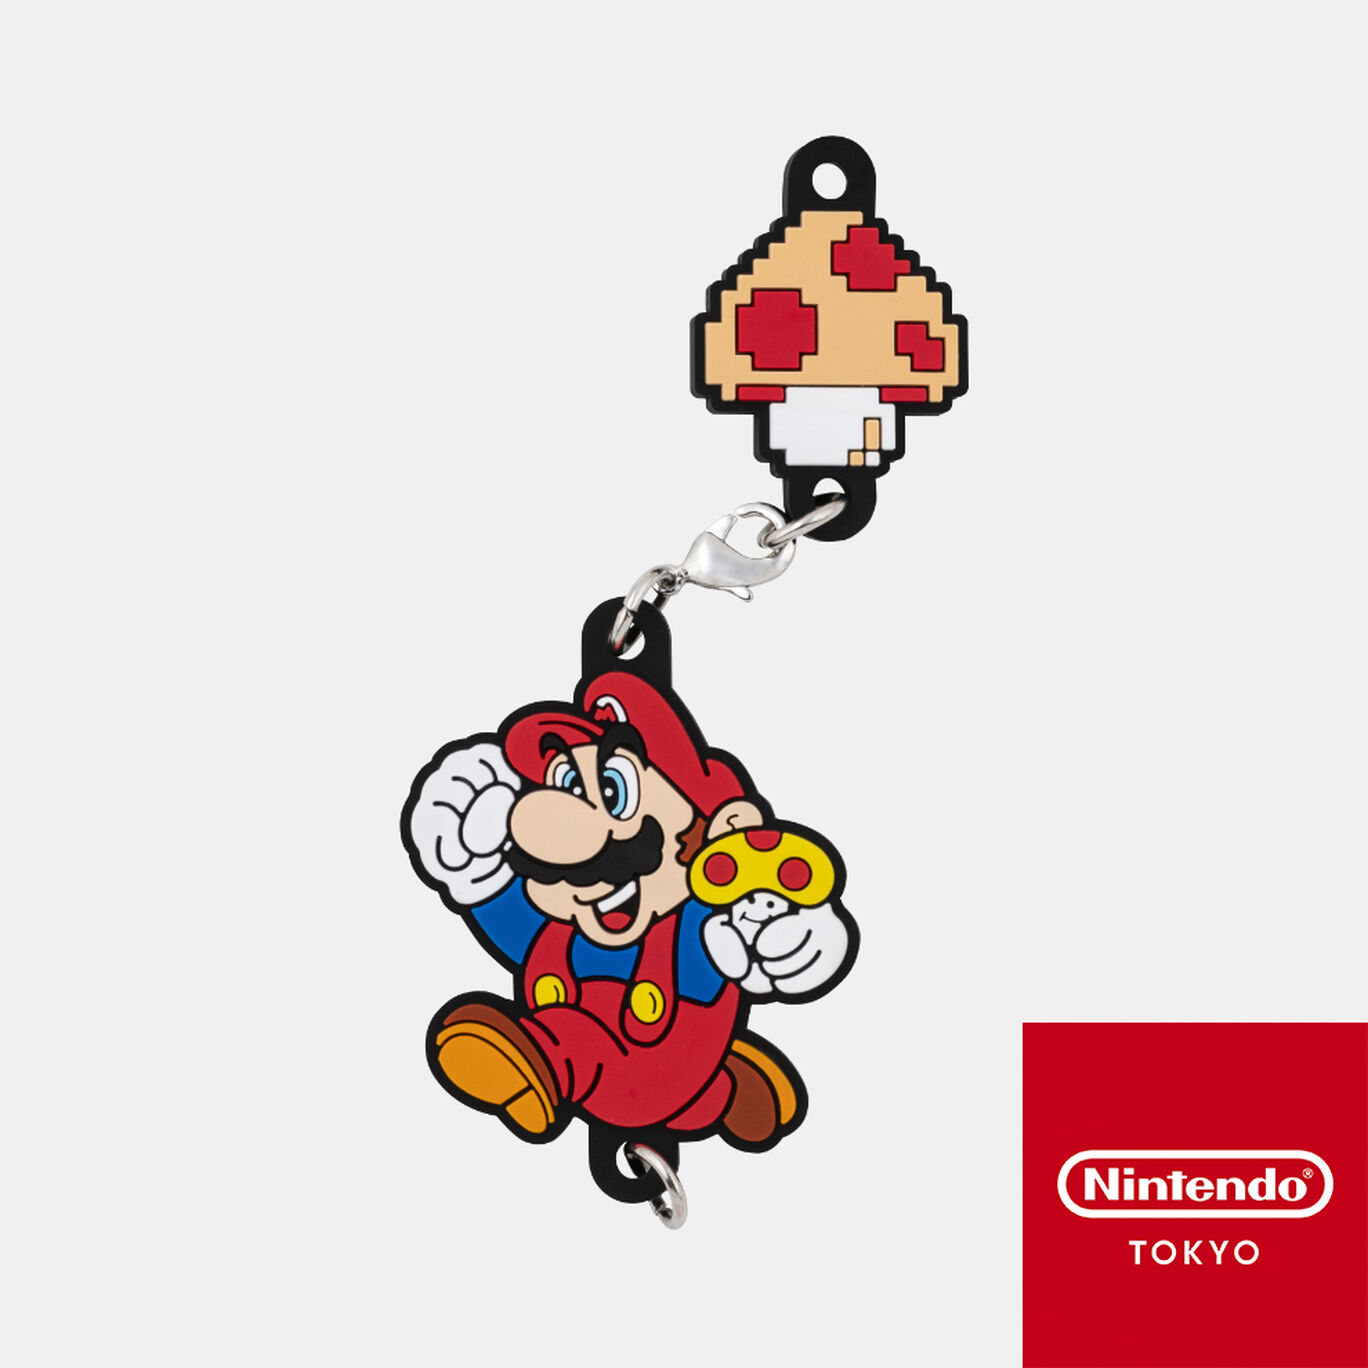 つながるラバーストラップ スーパーマリオブラザーズ【Nintendo TOKYO取り扱い商品】